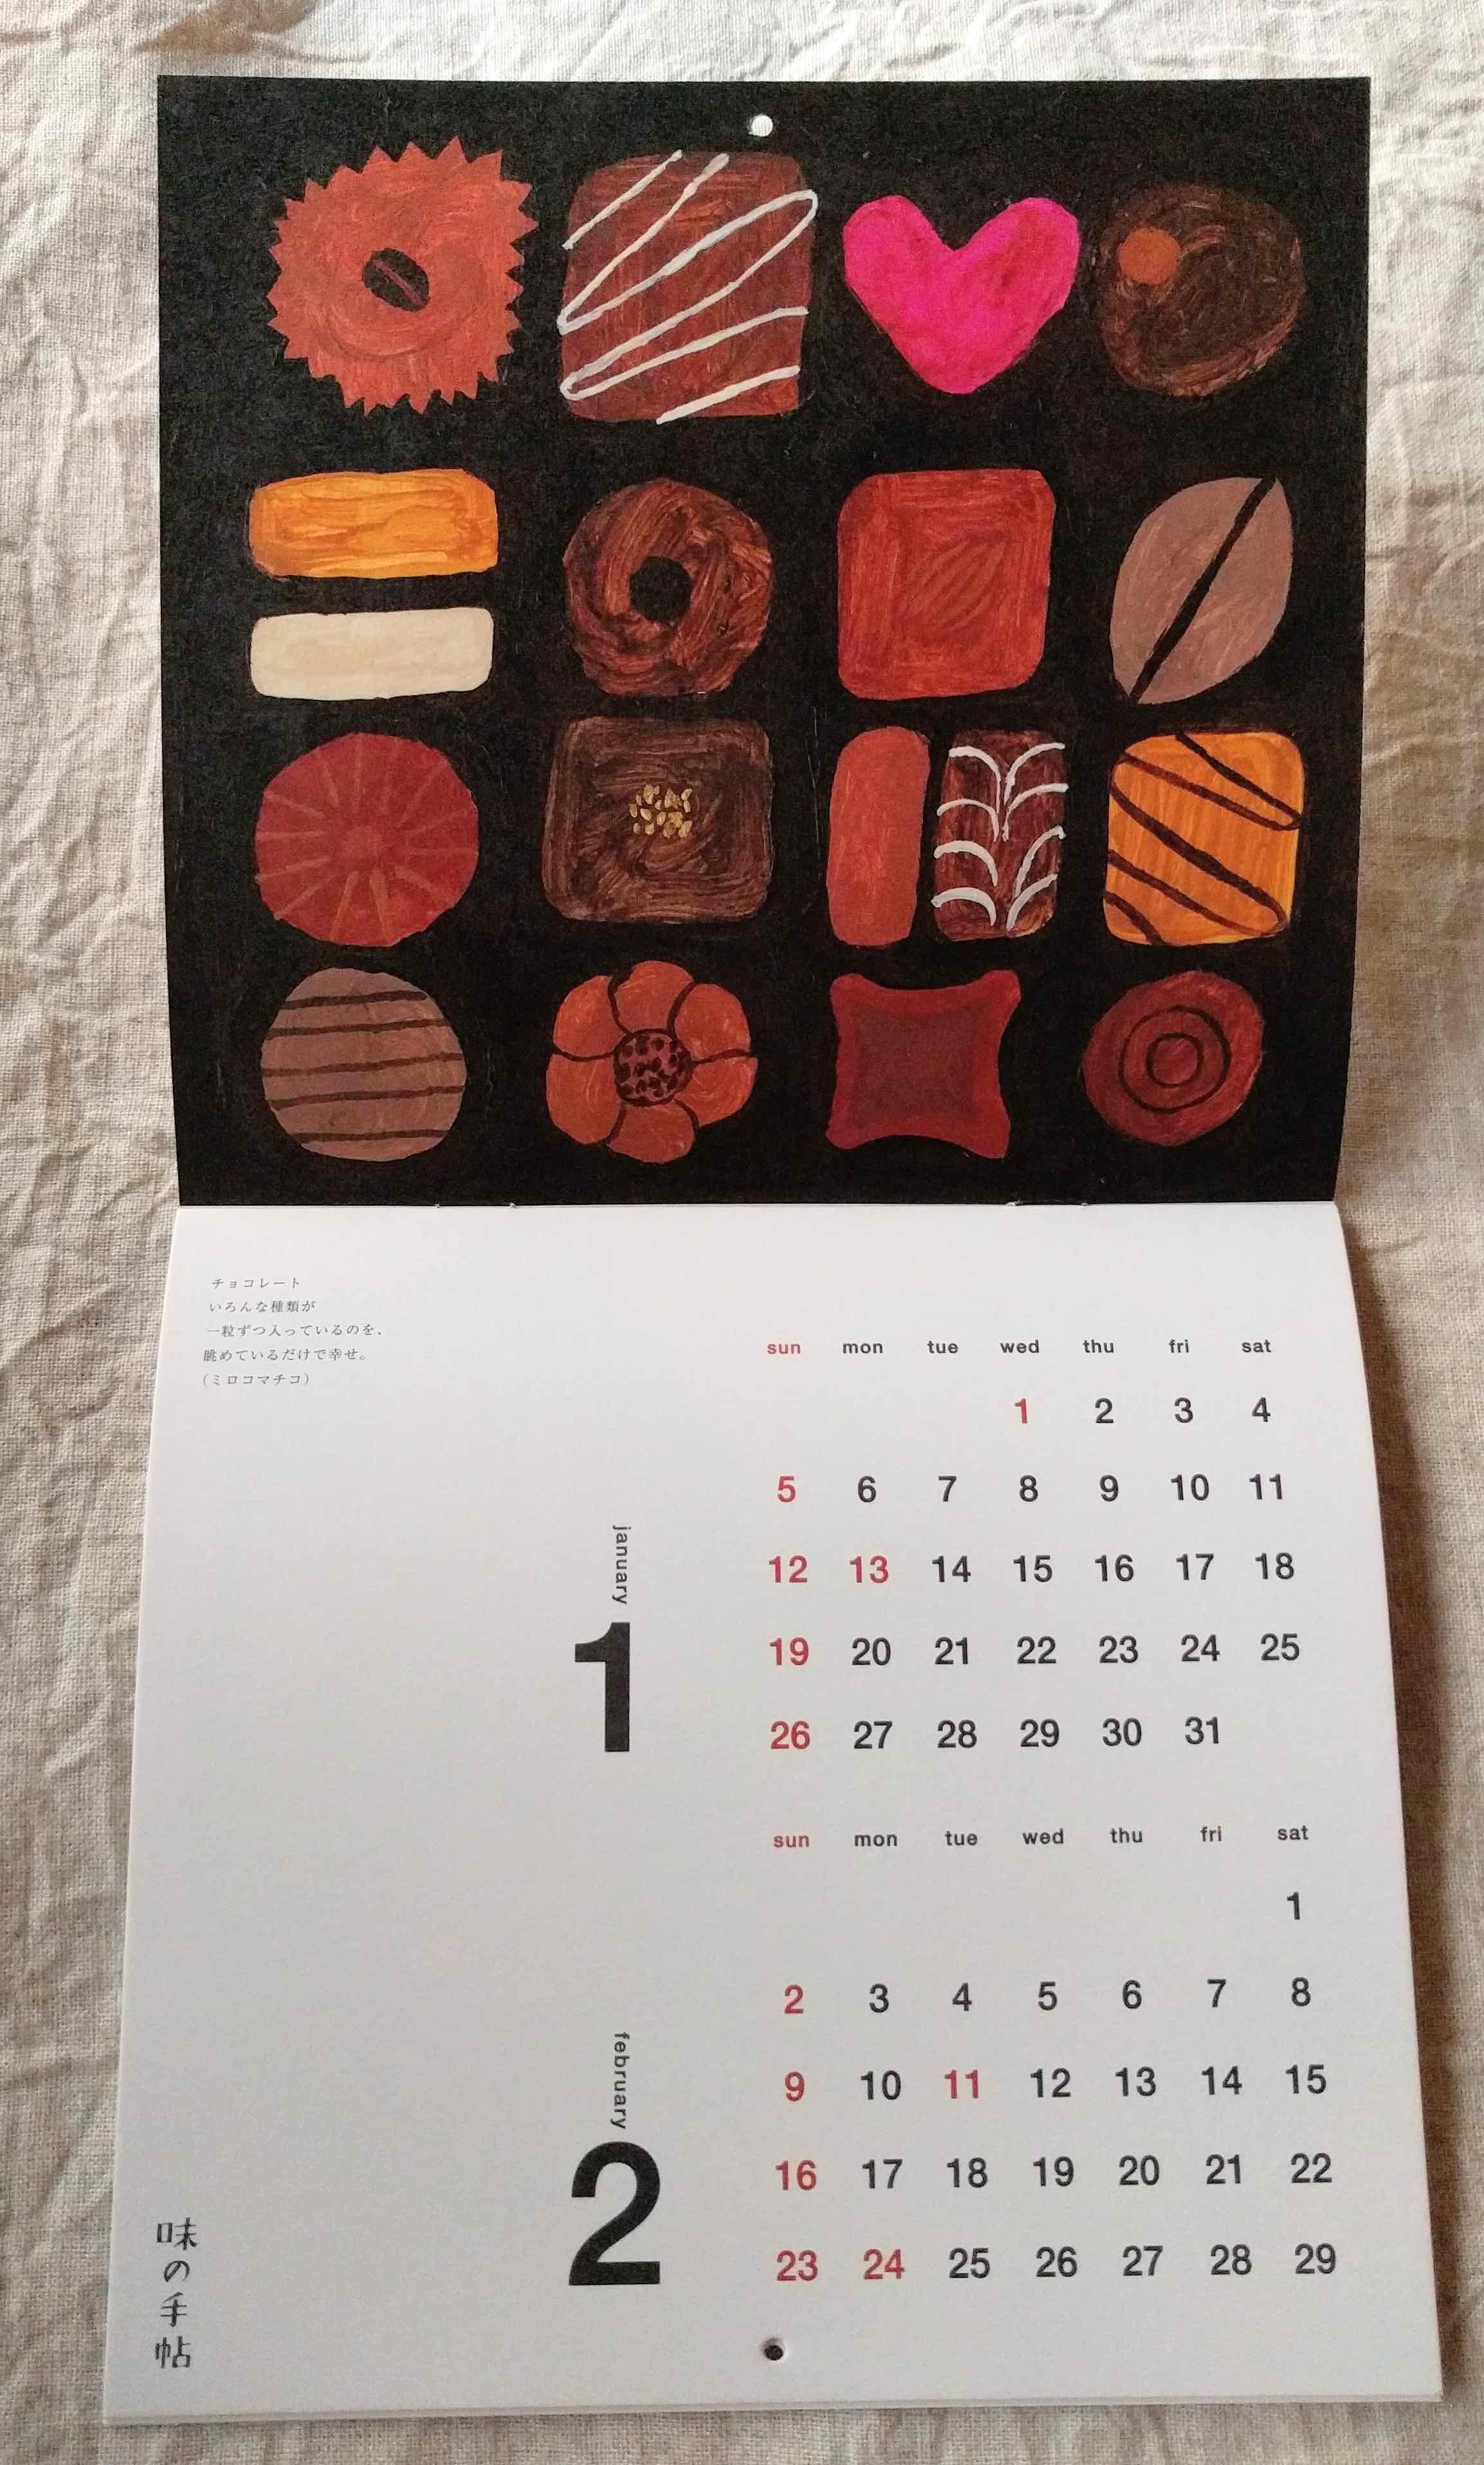 カレンダーのお知らせ6(牧野伊三夫/yamyam/ミロコマチコ)_a0265743_22464653.jpg